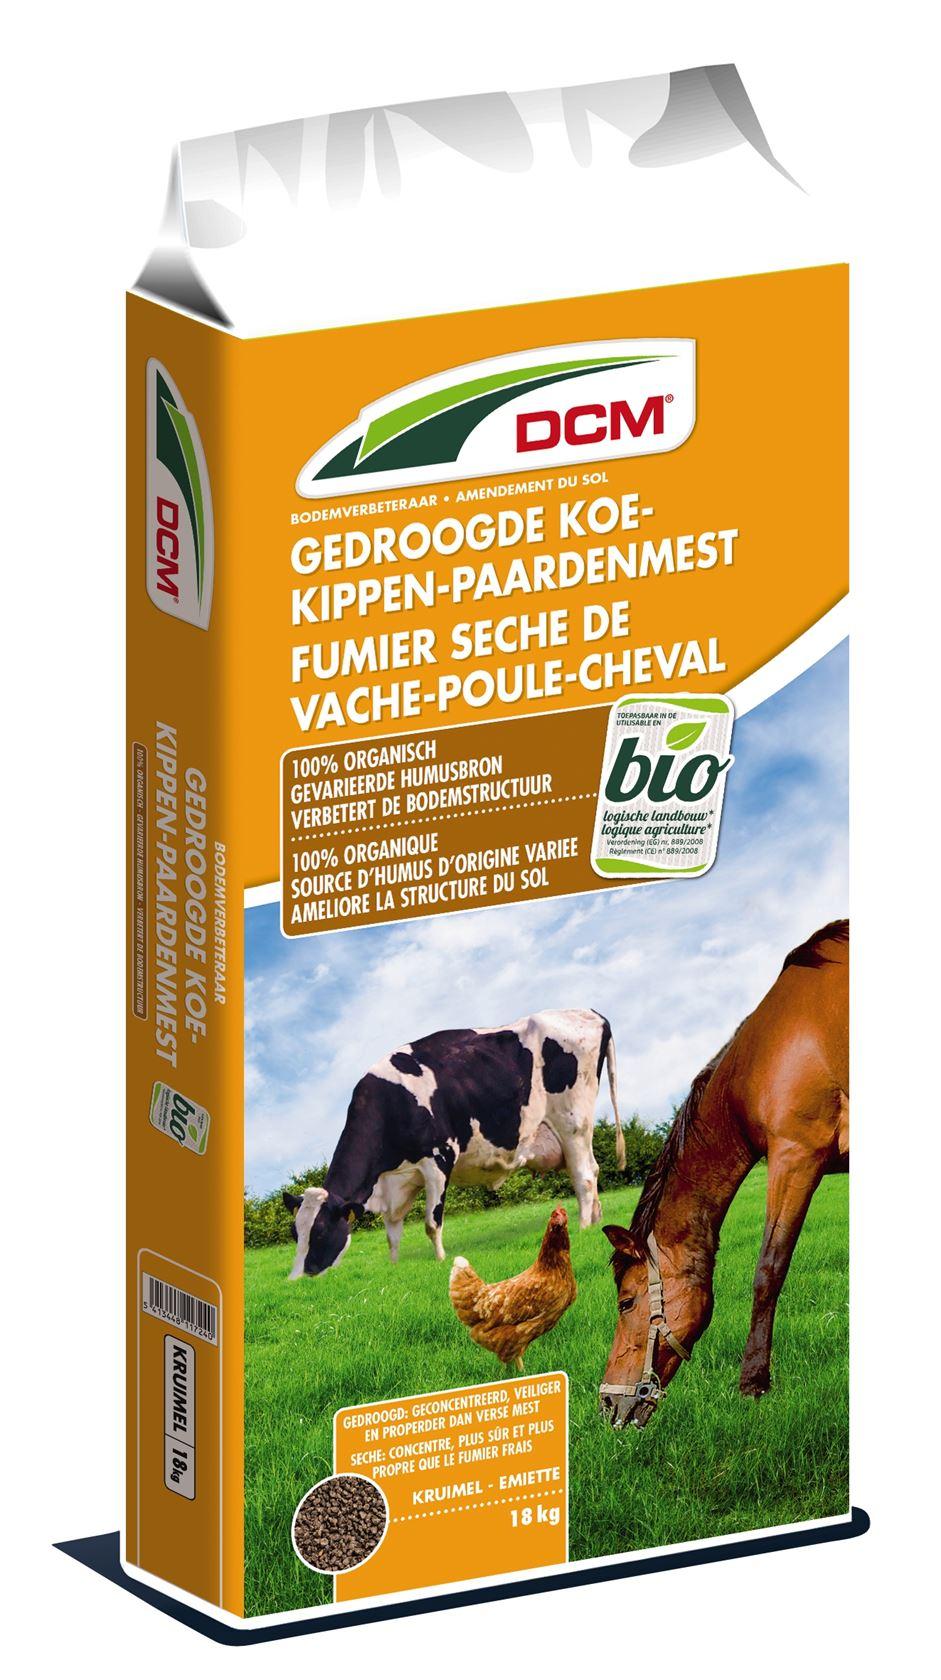 Gedrooge-koemest-kippenmest-paardenmest-18kg-Bio